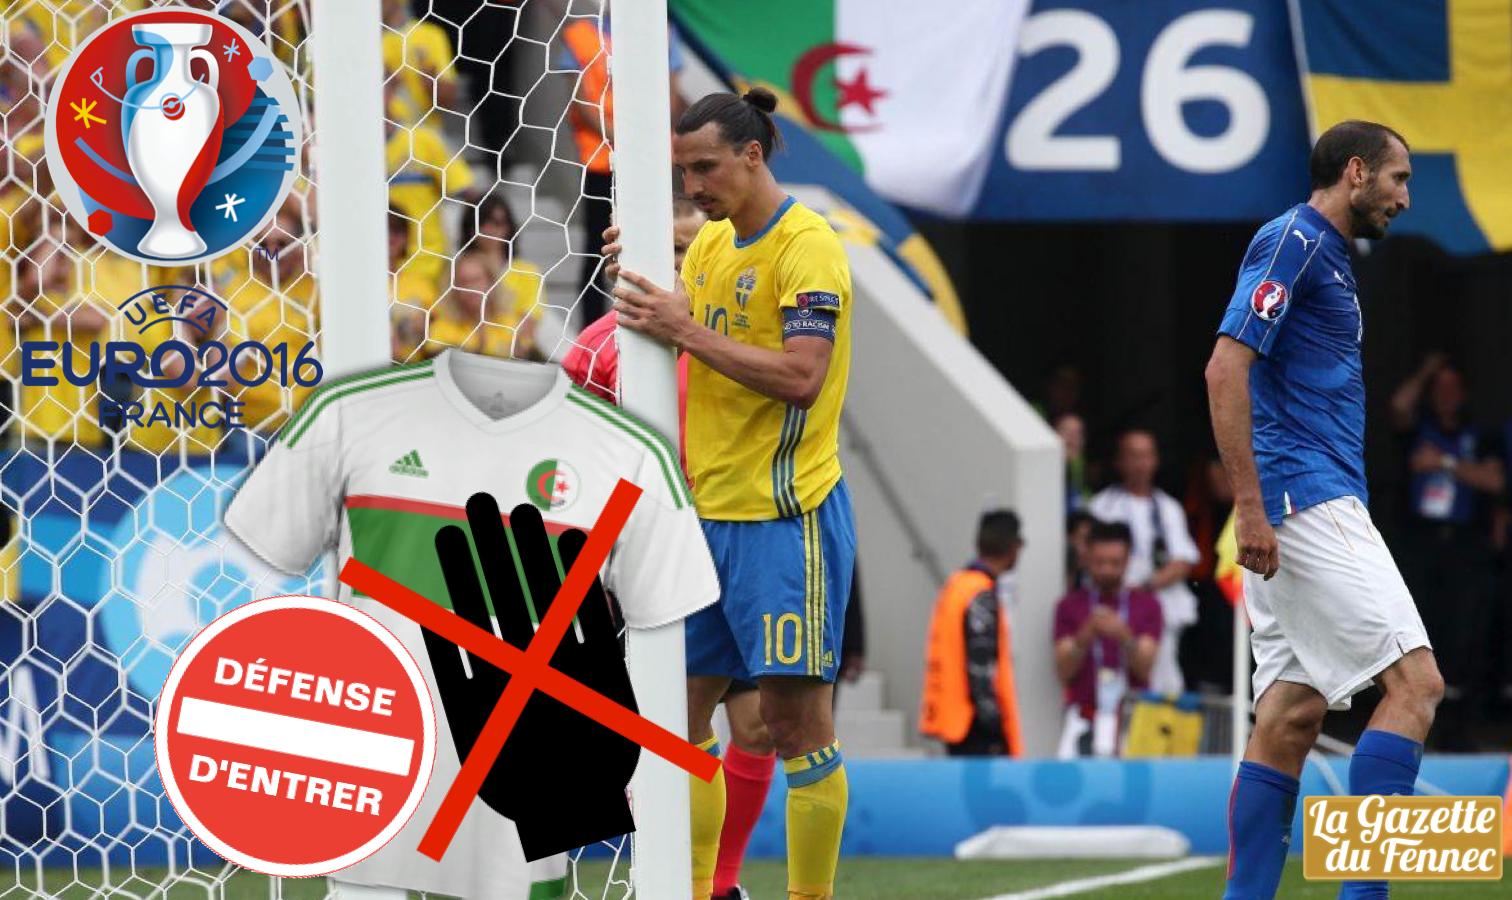 maillot-algerie-interdit-euro2016-la-gazette-du-fennec